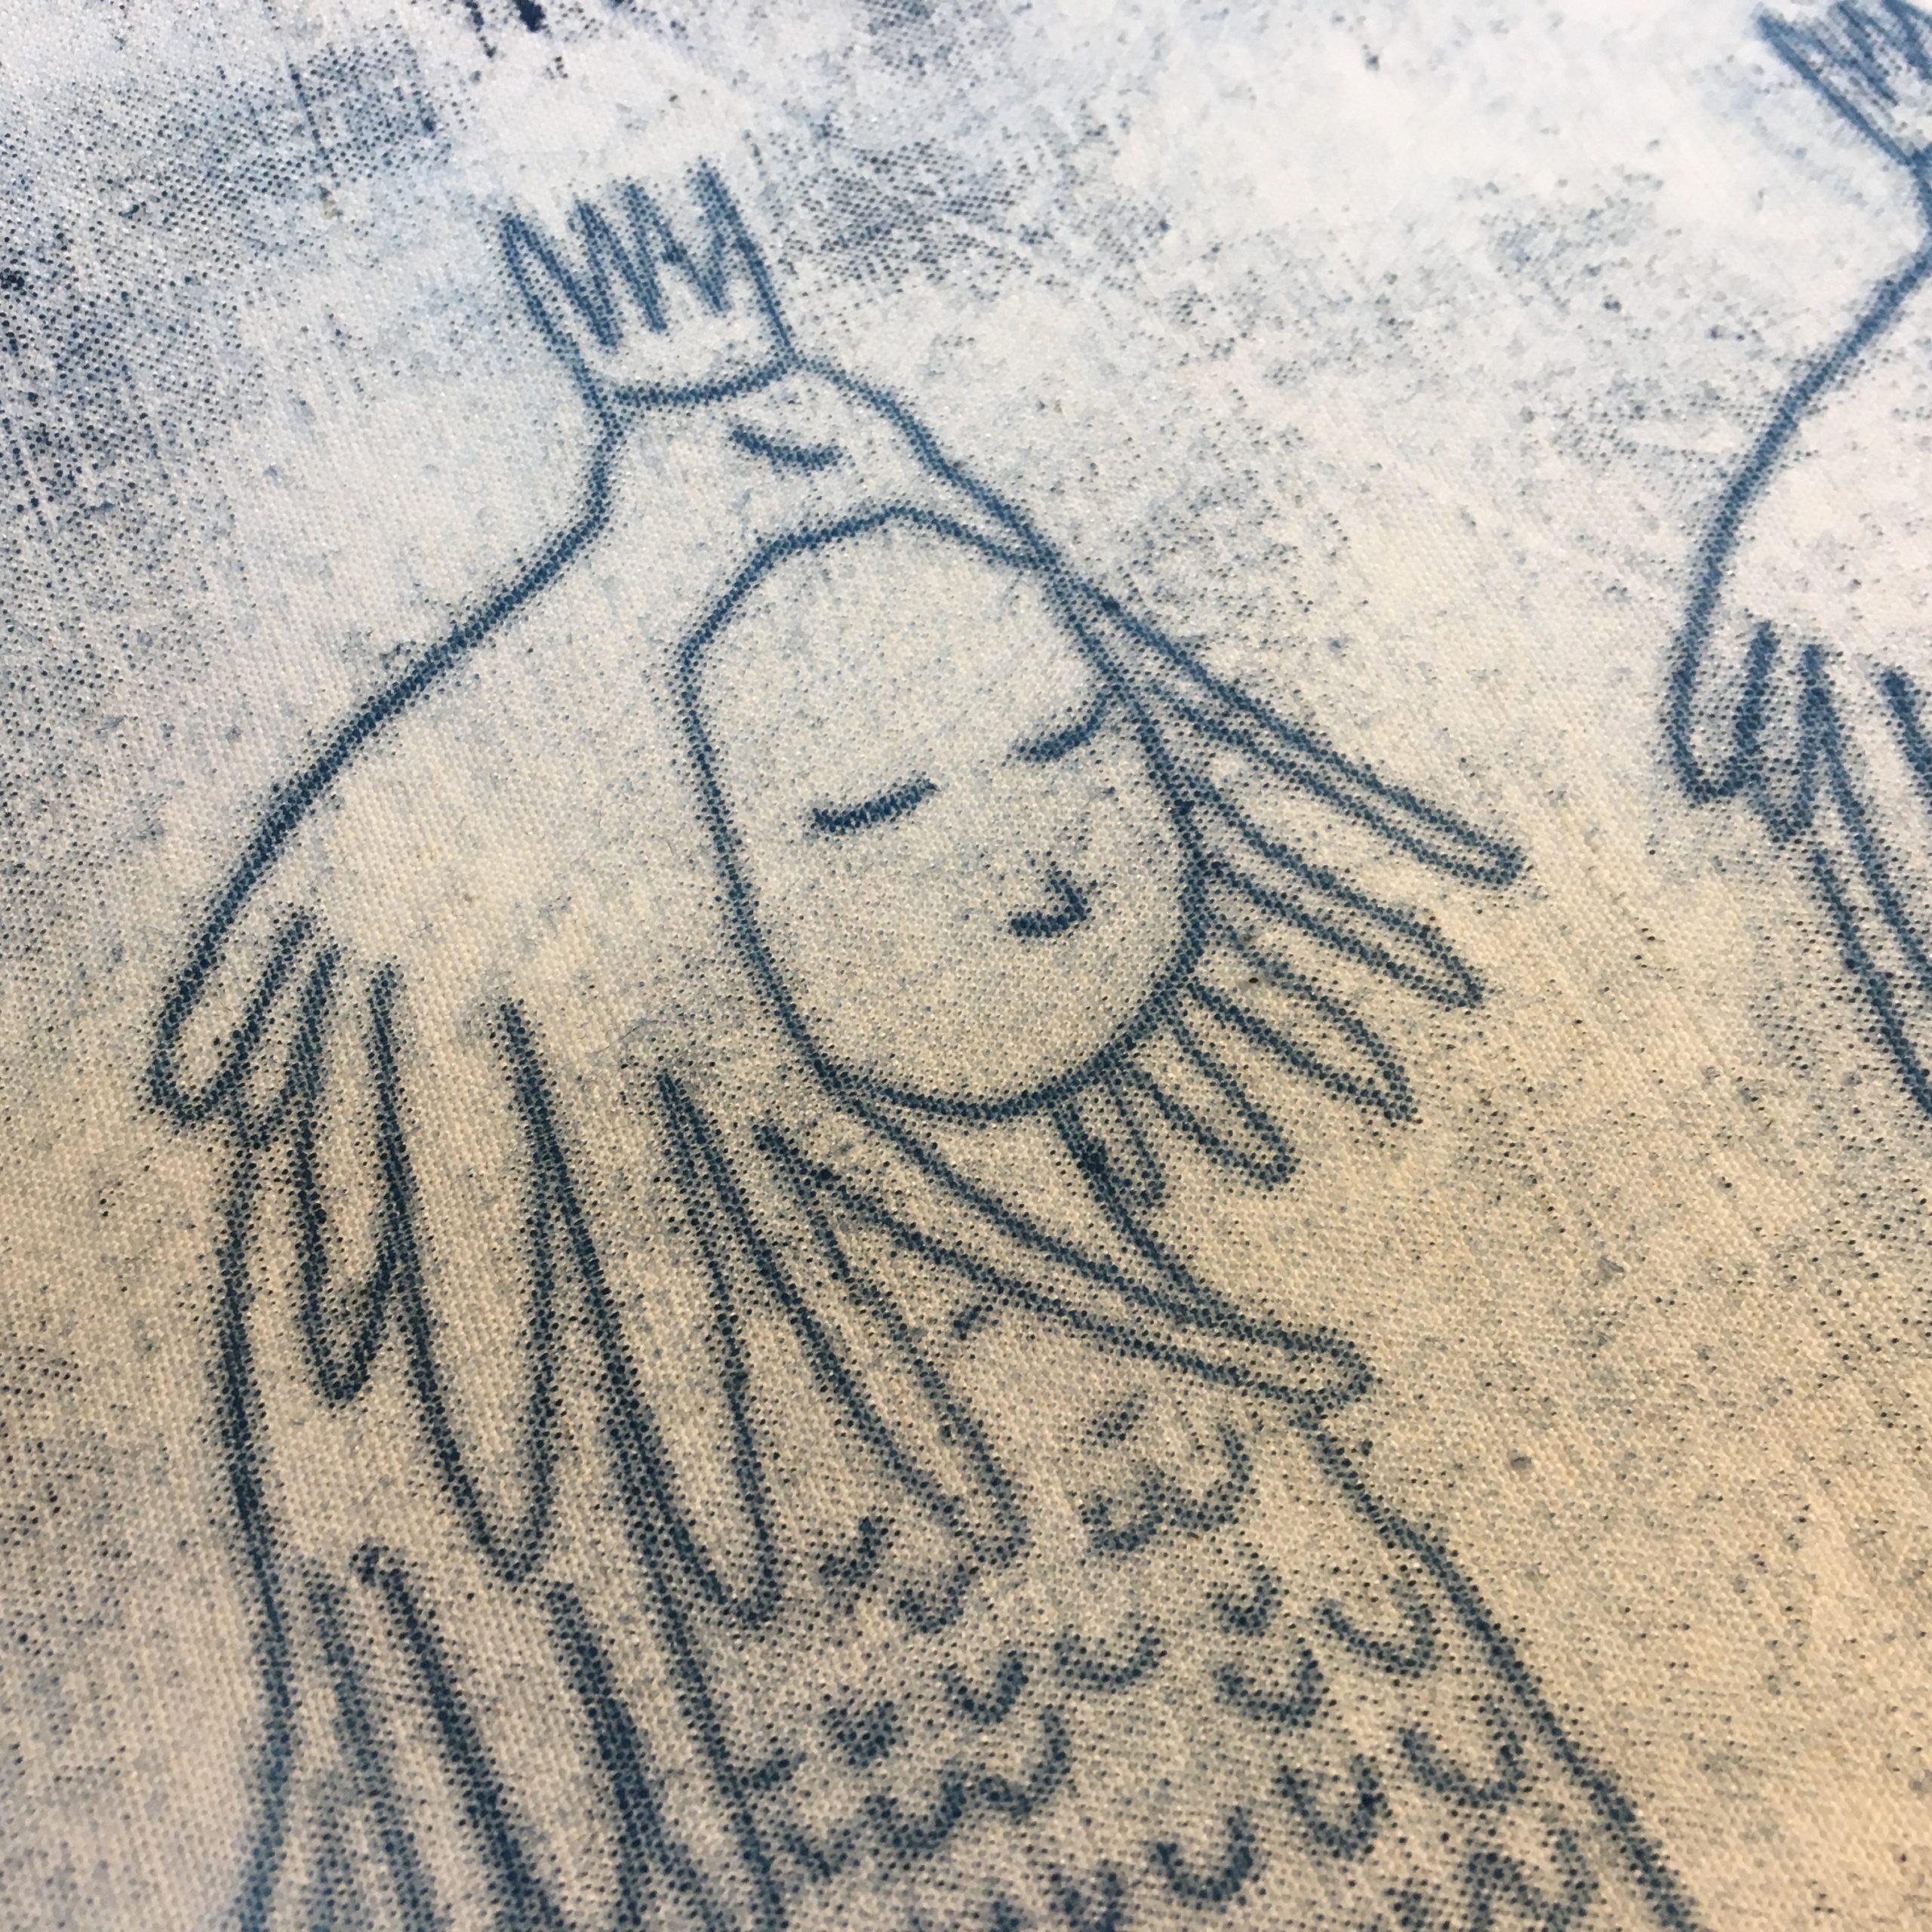 LinoLino | Linogravure et créations à partir d'impressions artisanales | Chambéry, France | Monotype sur tissu Oiseau sur la tête Prévert